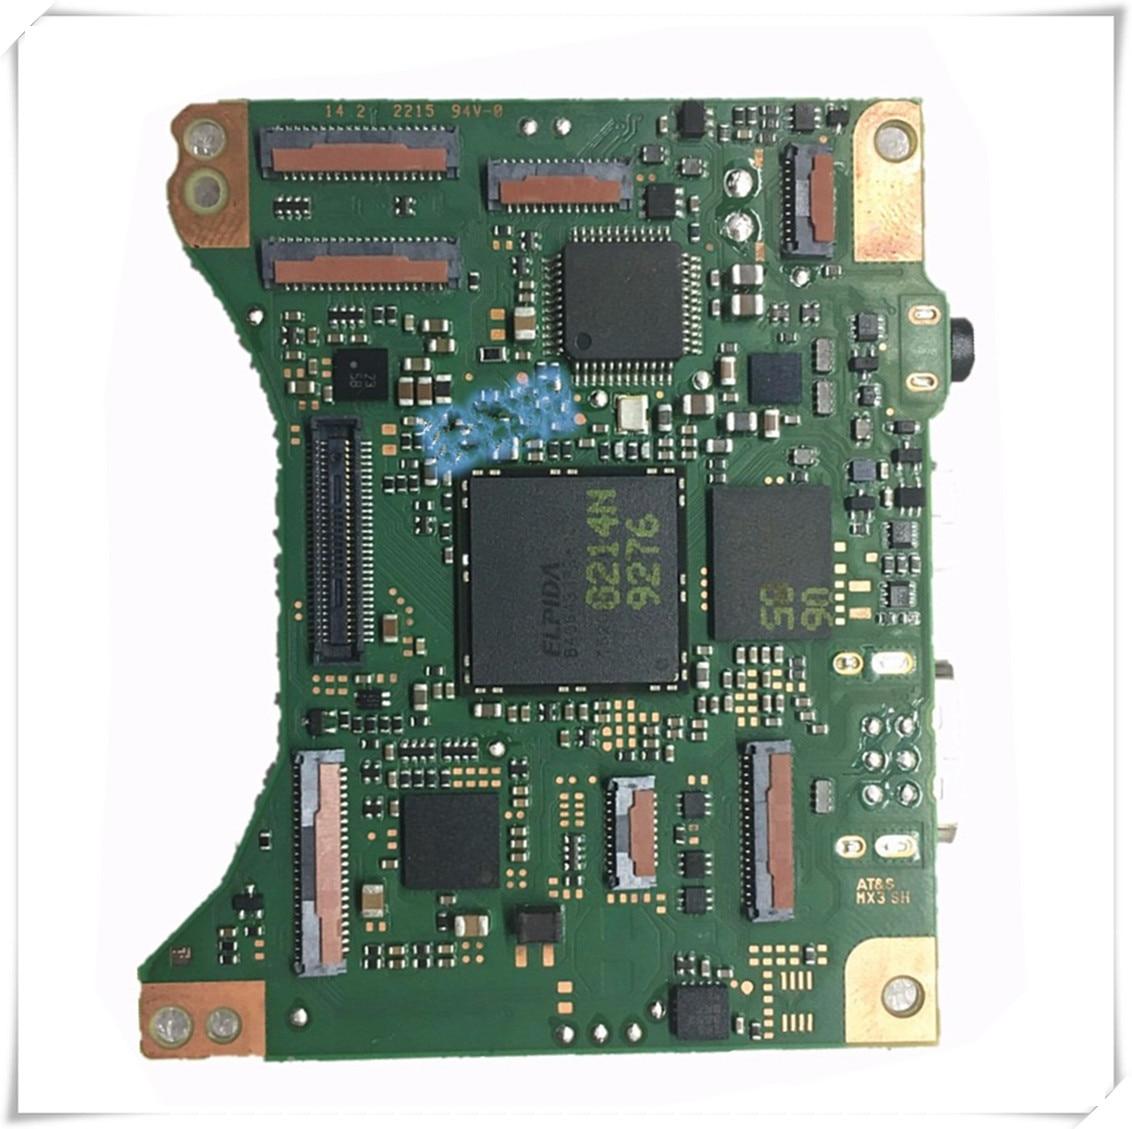 Pièces d'origine de réparation de carte mère/carte mère pour appareil photo numérique Canon Powershot G3 X; G3X PC2192